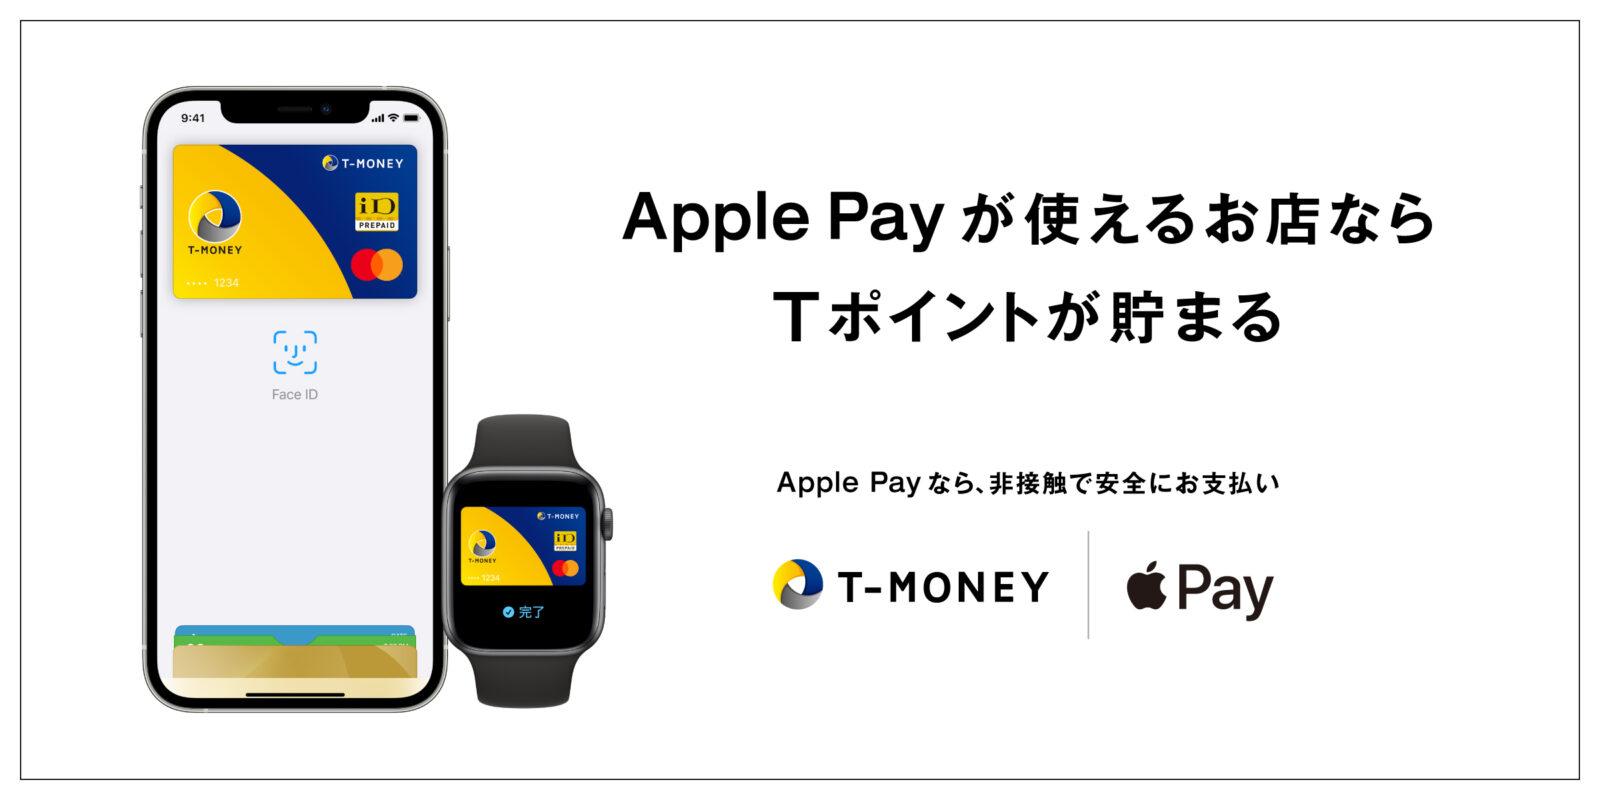 Apple Payが使えるお店ならTポイントが貯まる